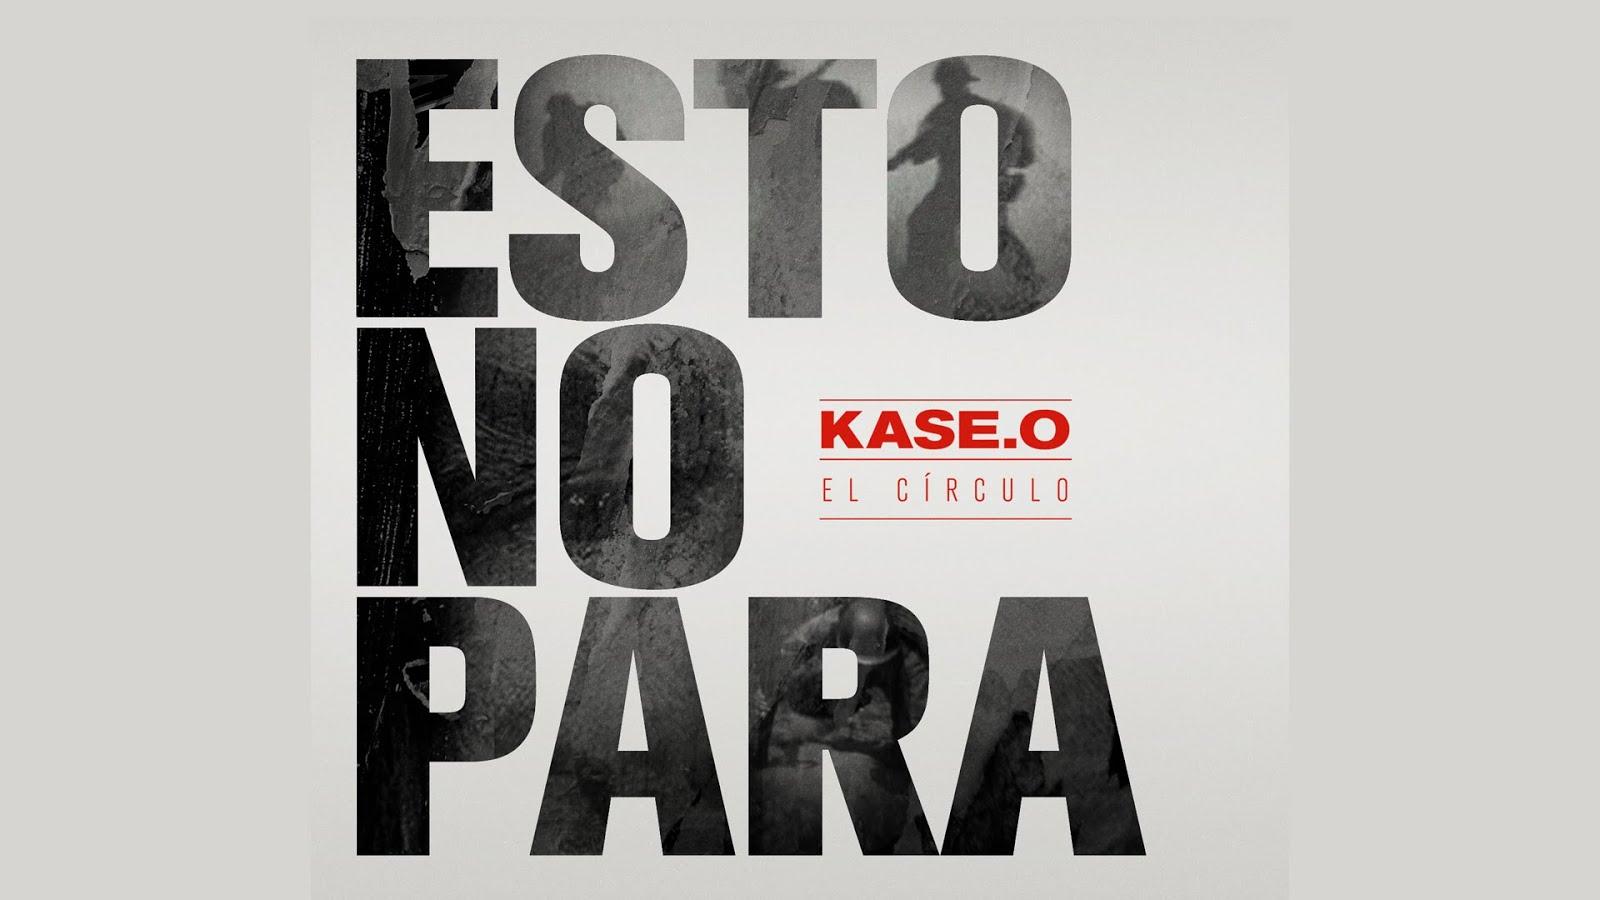 KASE O (Pica en la foto)